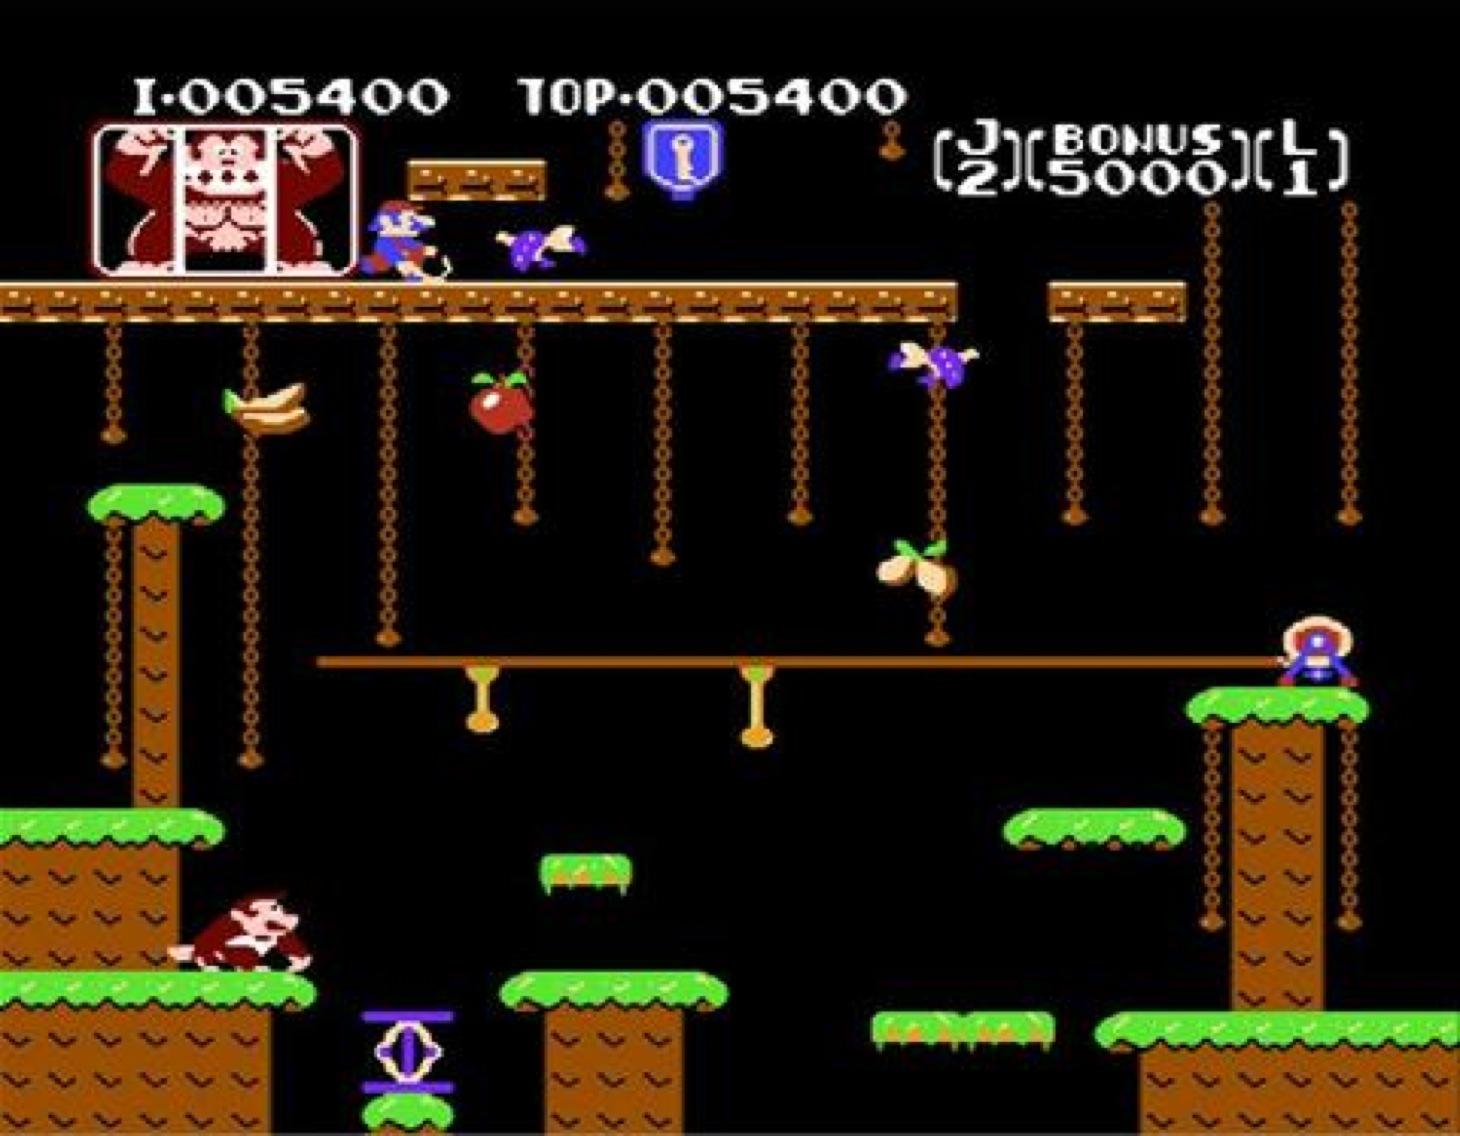 Je bekijkt nu Arcade games of the '80's